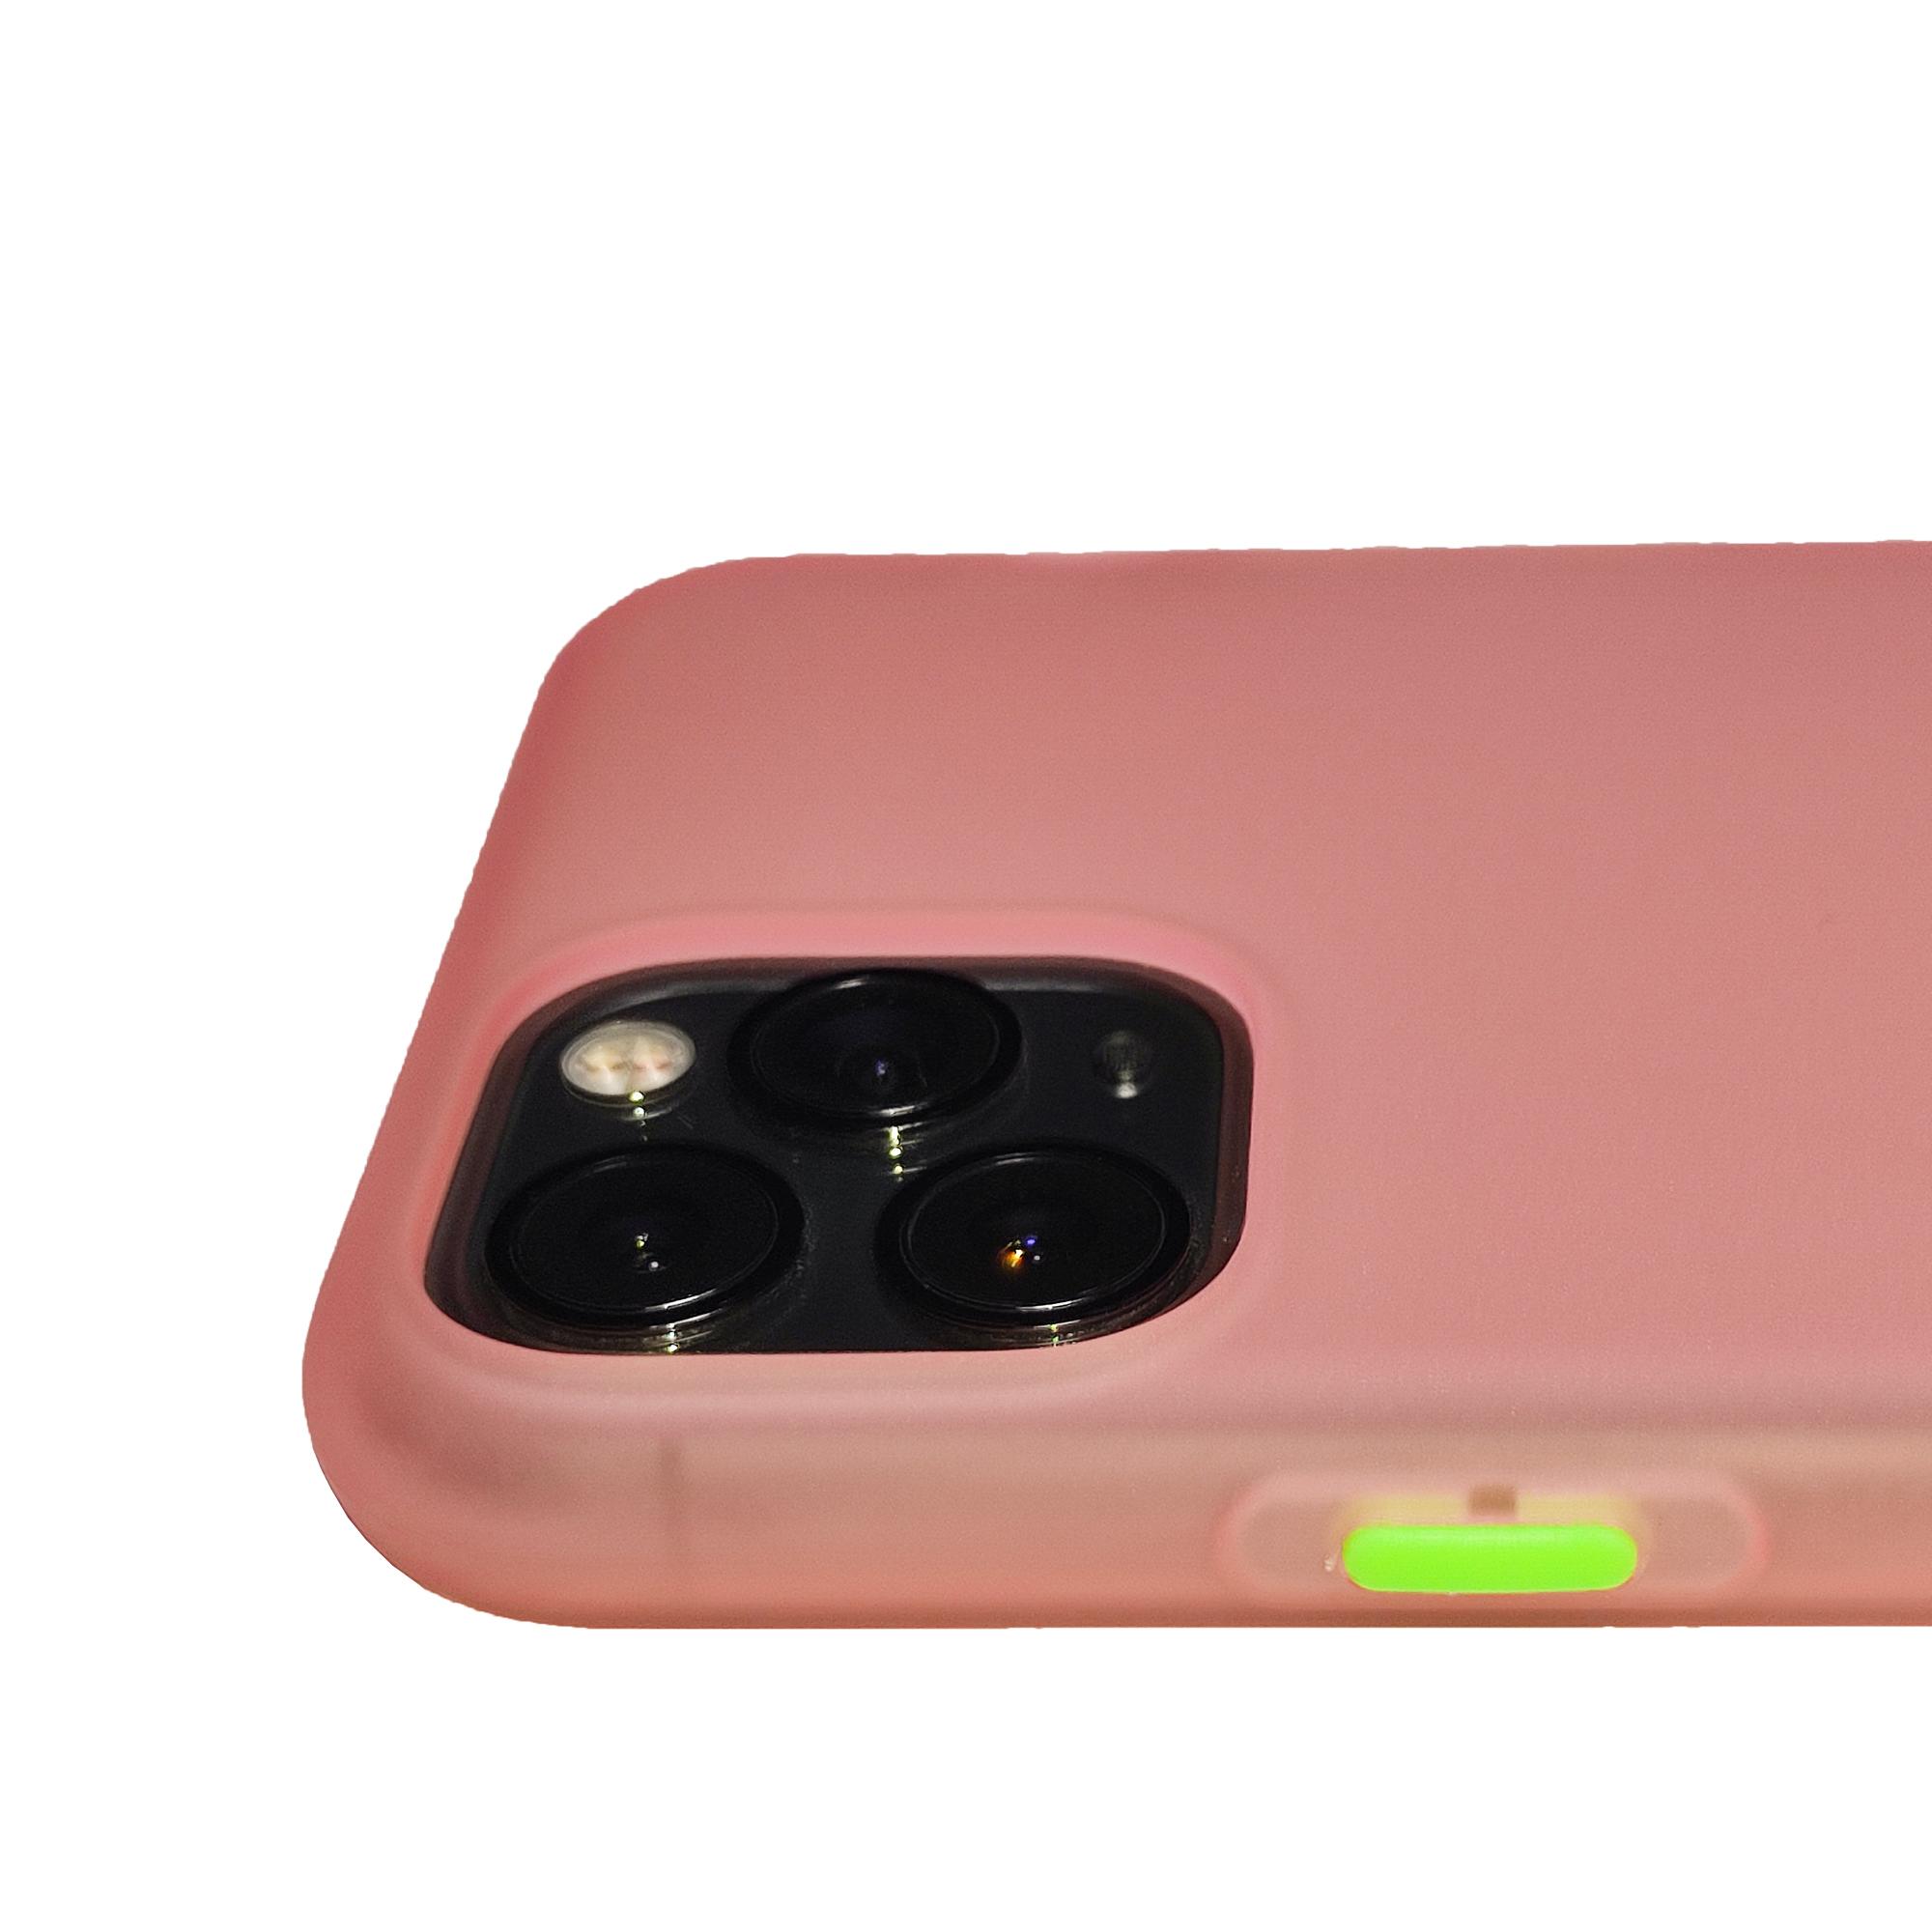 کاور راک مدل SPRT01 مناسب برای گوشی موبایل اپل iPhone 11 Pro thumb 2 2